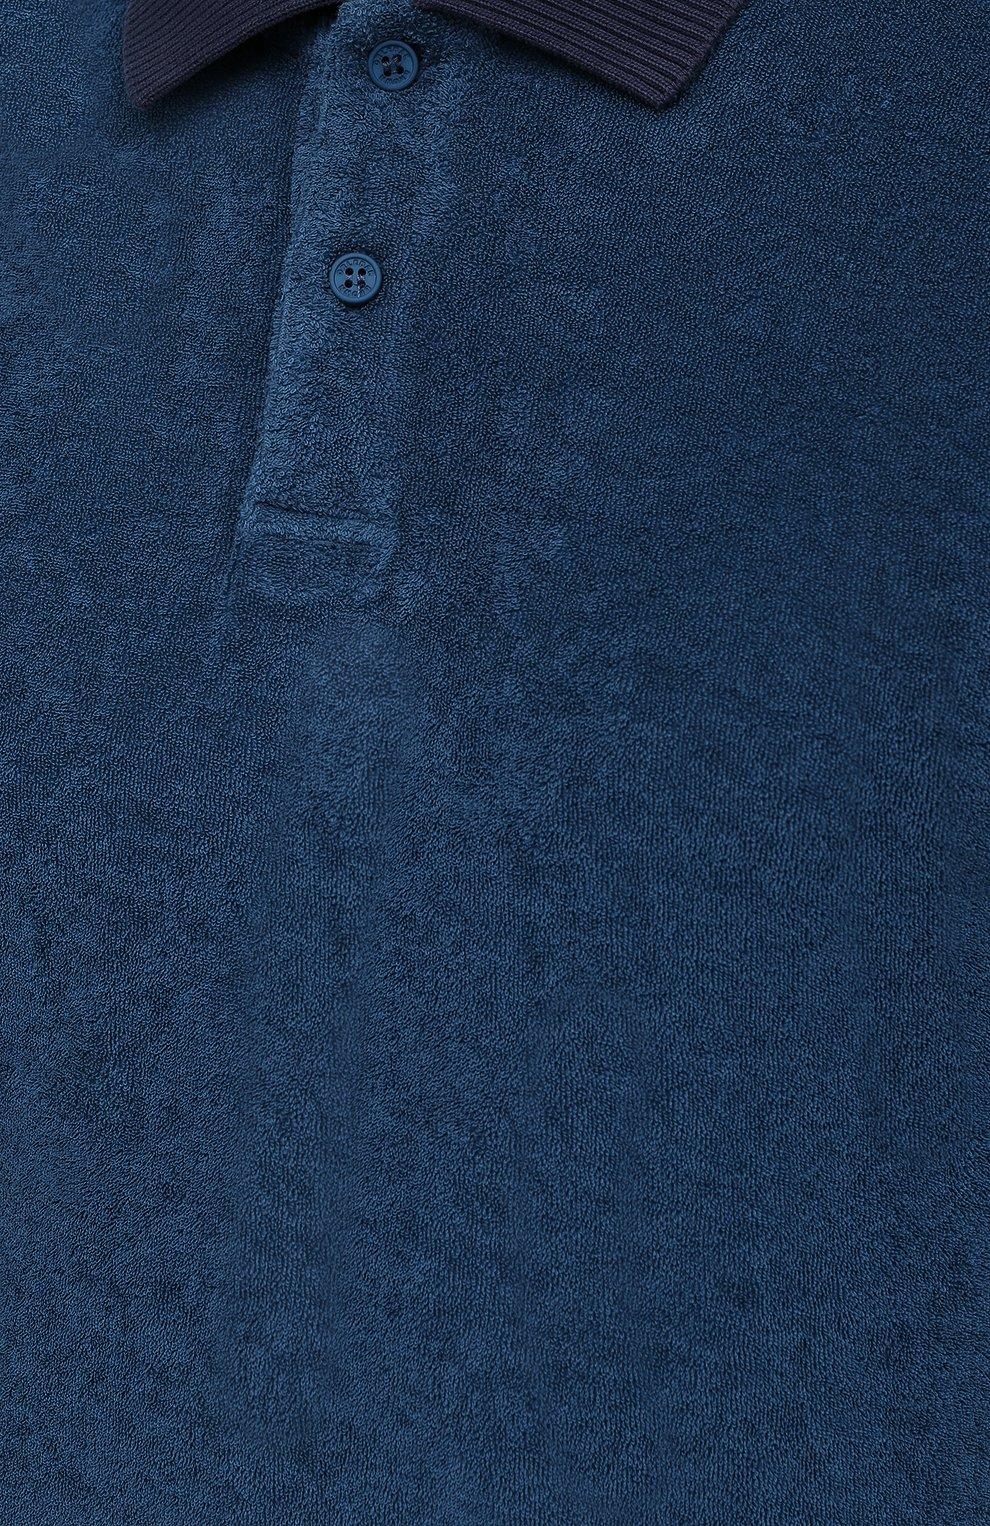 Мужское хлопковое поло ORLEBAR BROWN темно-синего цвета, арт. 273879 | Фото 5 (Застежка: Пуговицы; Кросс-КТ: Пляж; Рукава: Короткие; Длина (для топов): Удлиненные; Материал внешний: Хлопок; Стили: Кэжуэл)